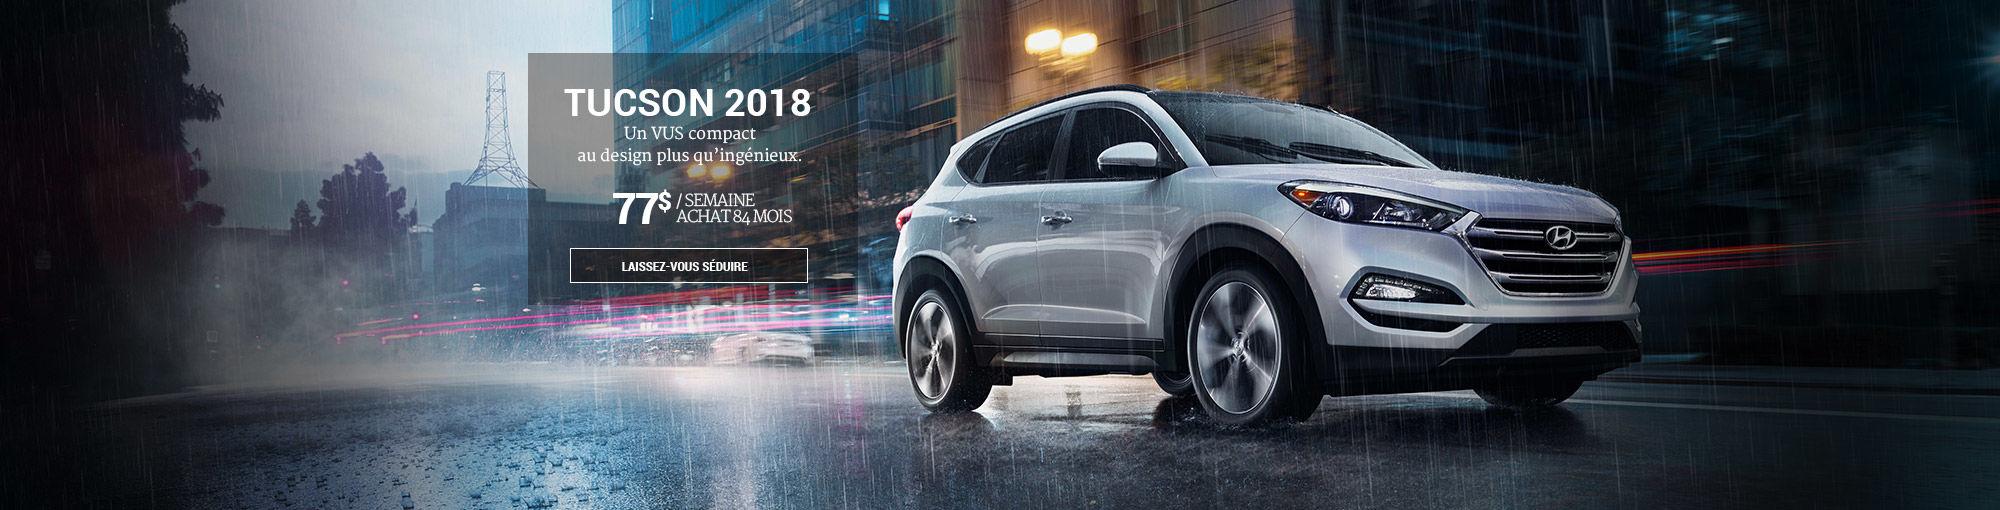 Hyundai Tucson 2018 header avril 2018